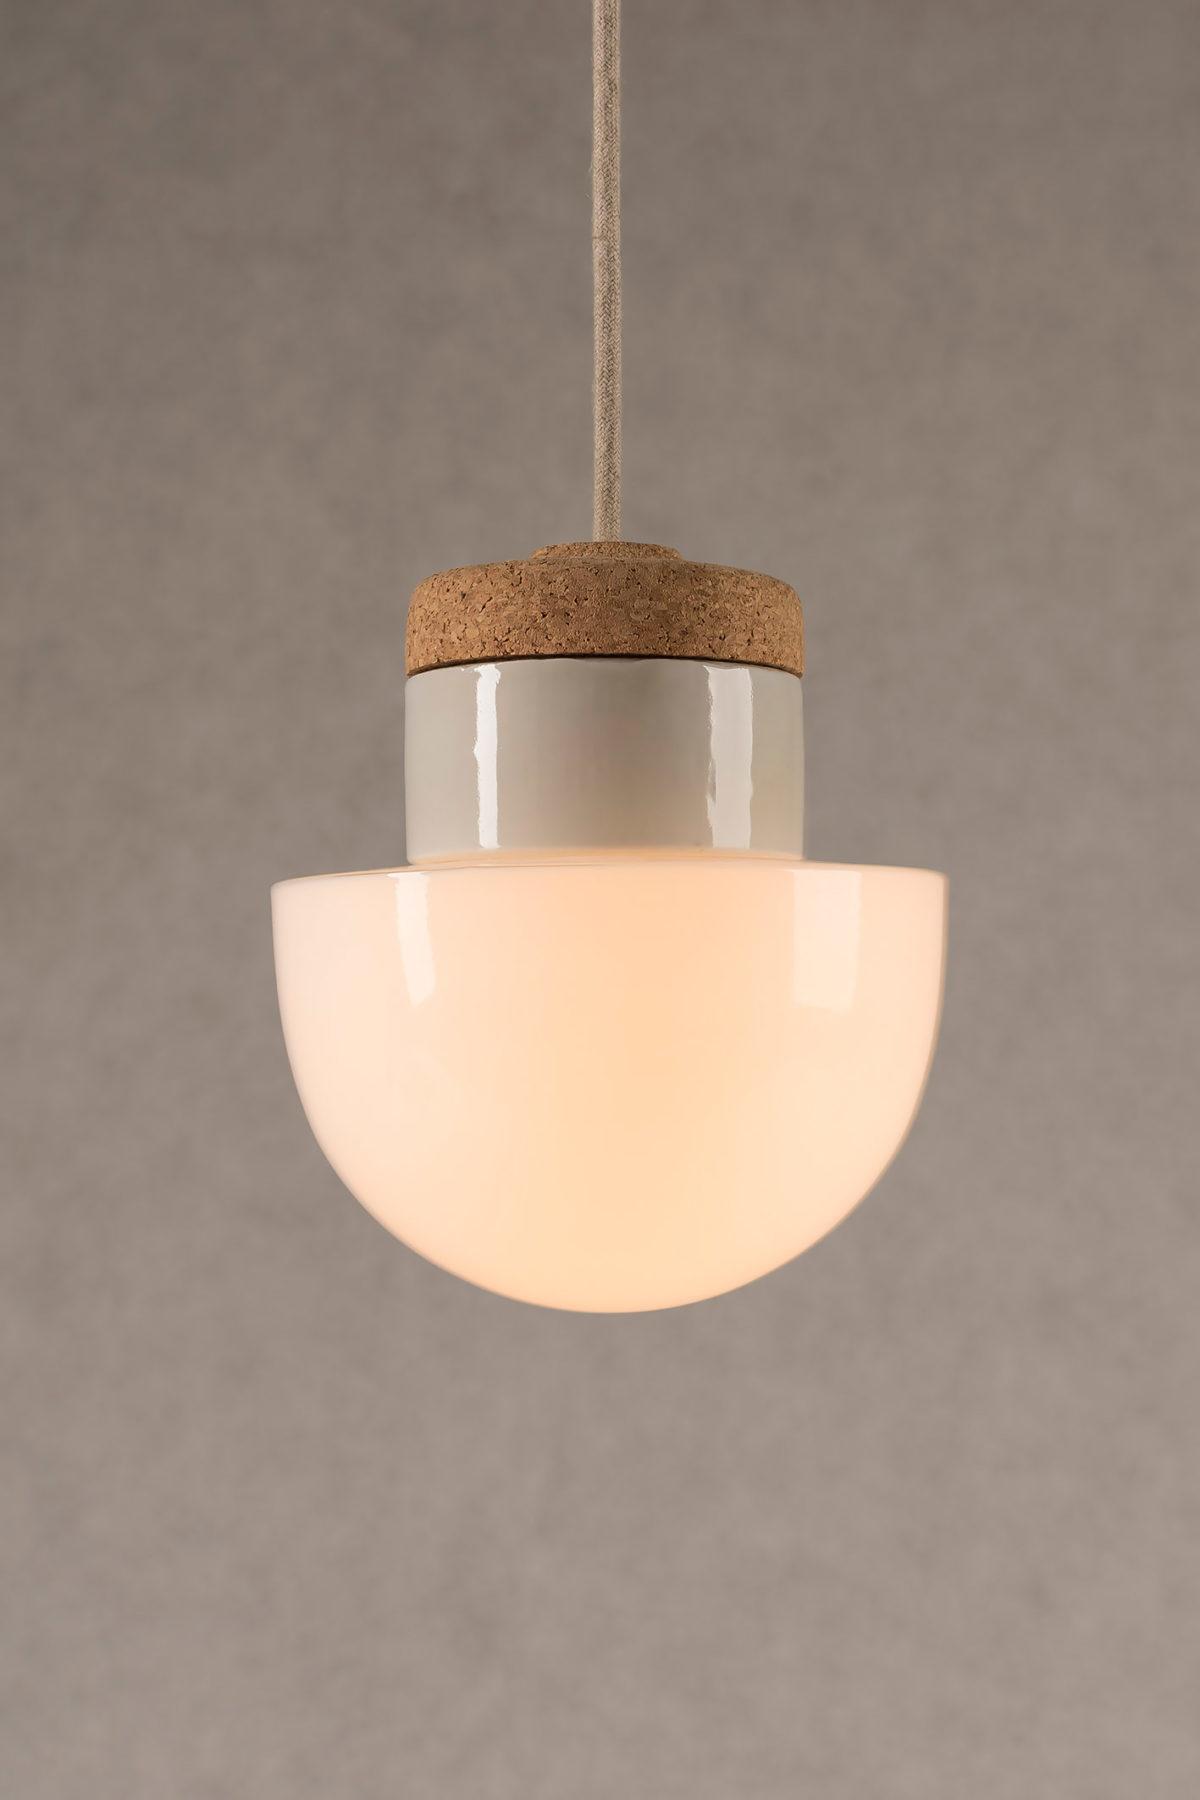 mała wisząca lampa korkowa z kloszem szklanym białym Grzybek